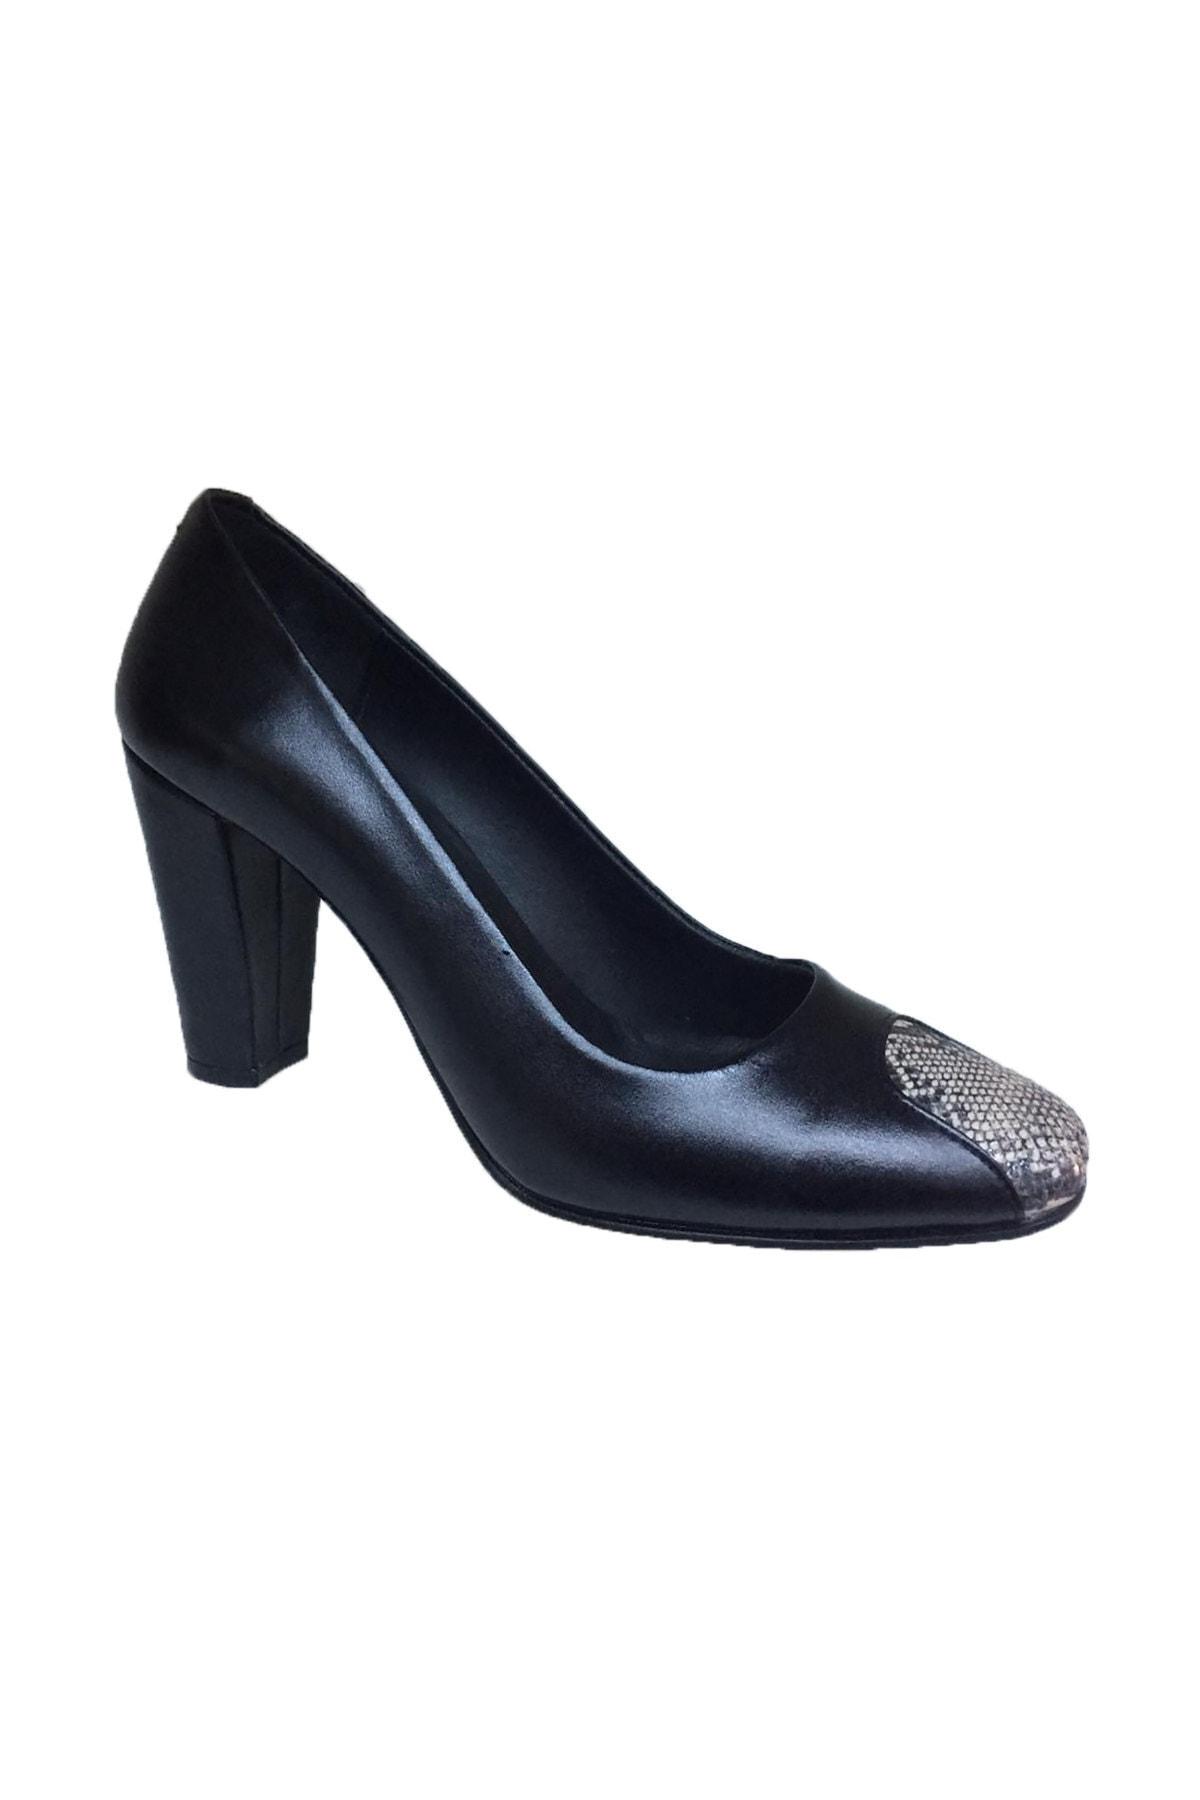 Elegan Kadın Siyah Hakiki Deri Yılan Desen Burun Detaylı Şık Topuklu Ayakkabı